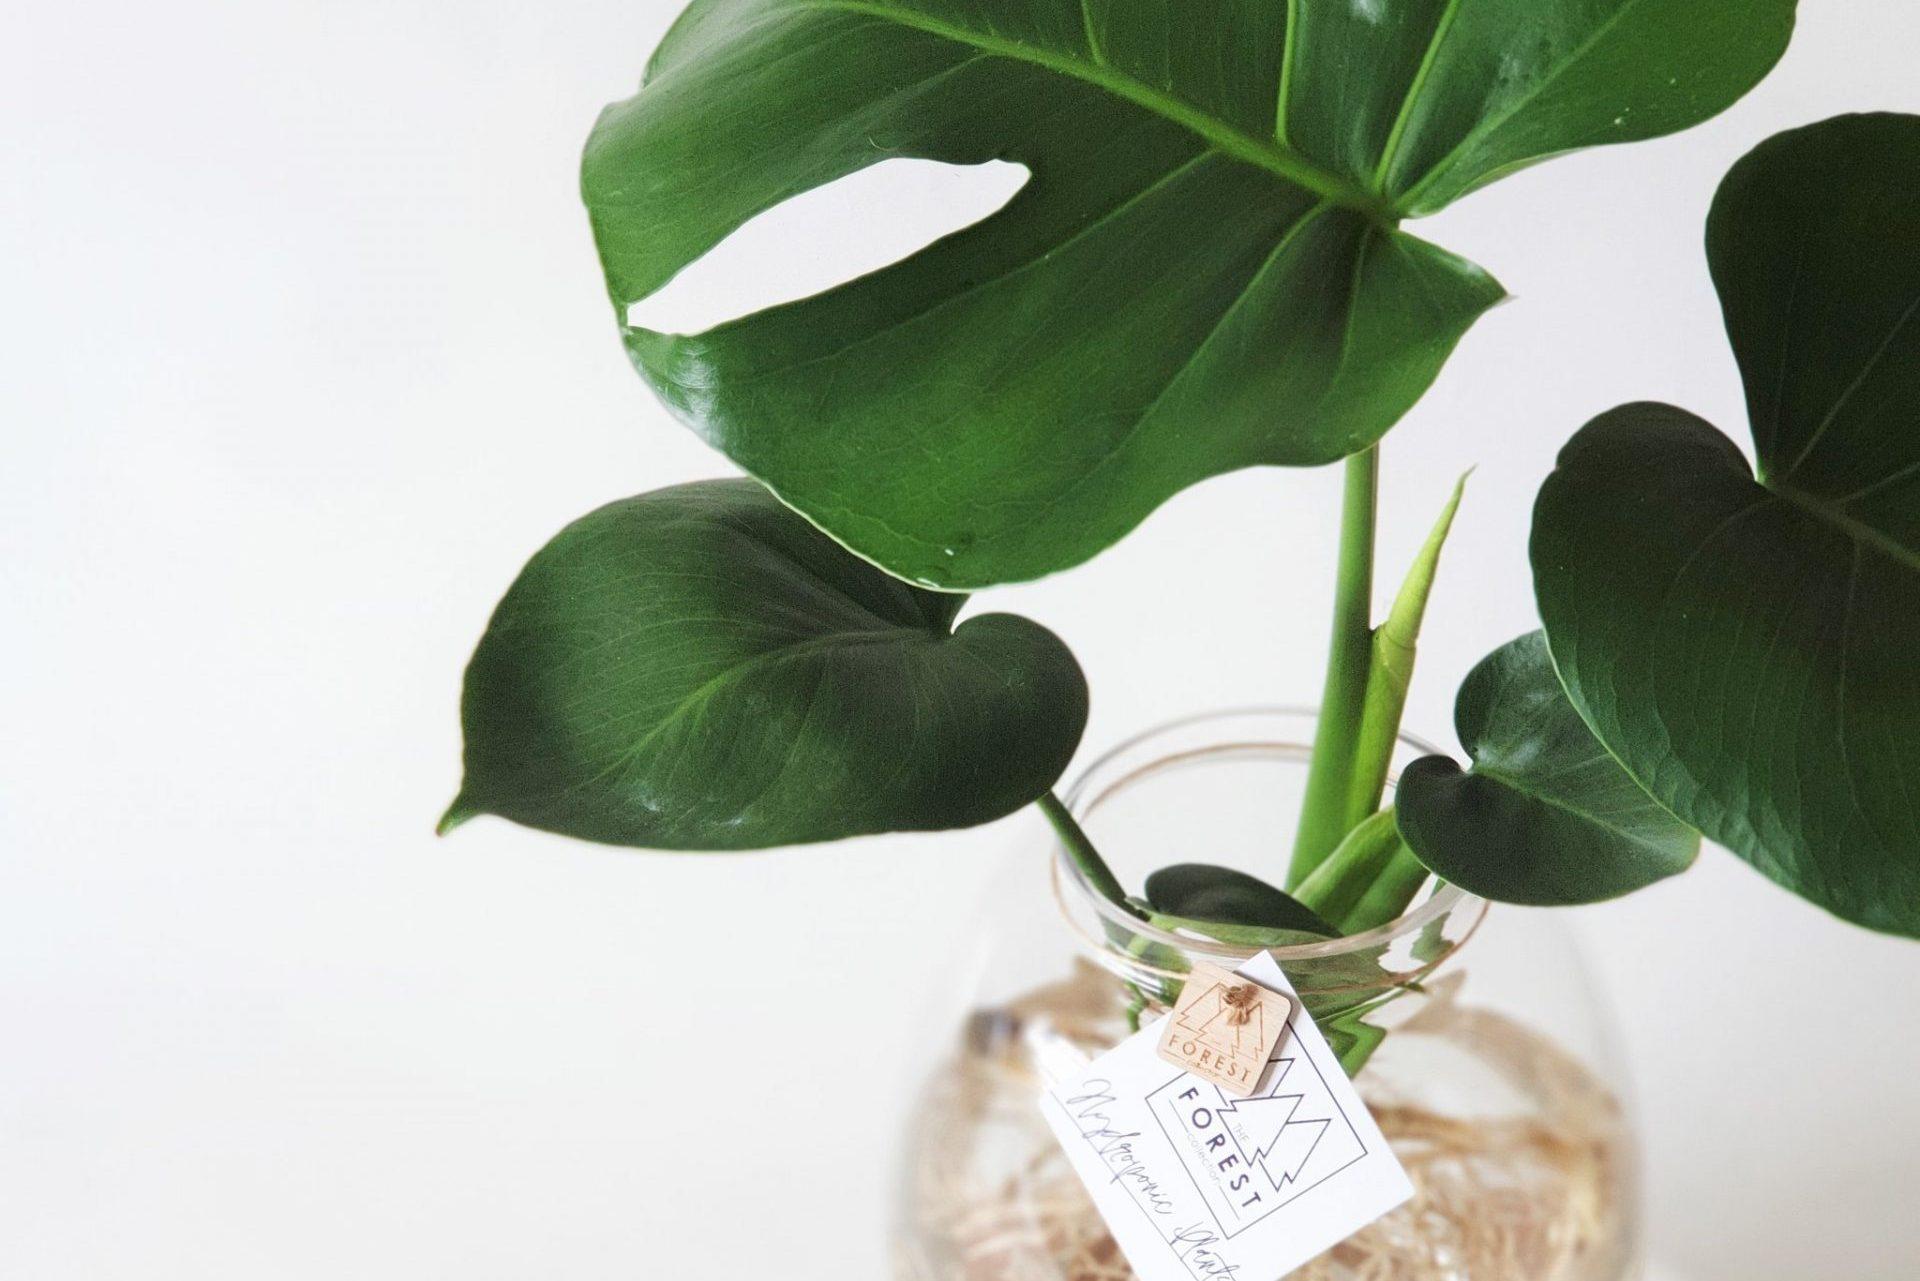 Chia sẻ cách trồng cây Monstera đột biến bằng phương pháp thủy canh